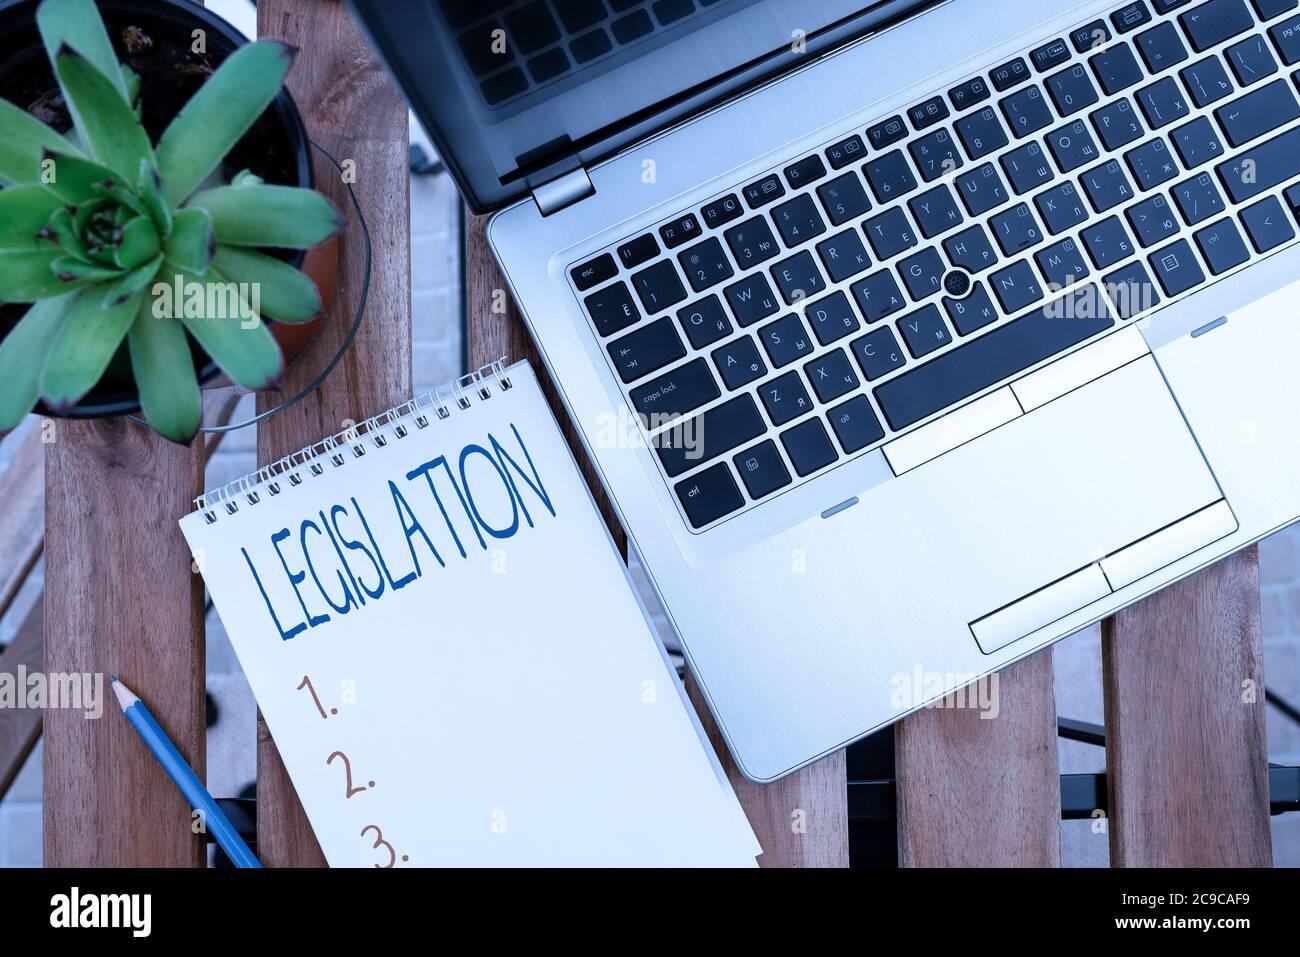 Legislación sobre escritura a mano. Foto conceptual el ejercicio del poder y la función de hacer reglas personal visión general del lugar de trabajo con el dispositivo portátil u Foto de stock